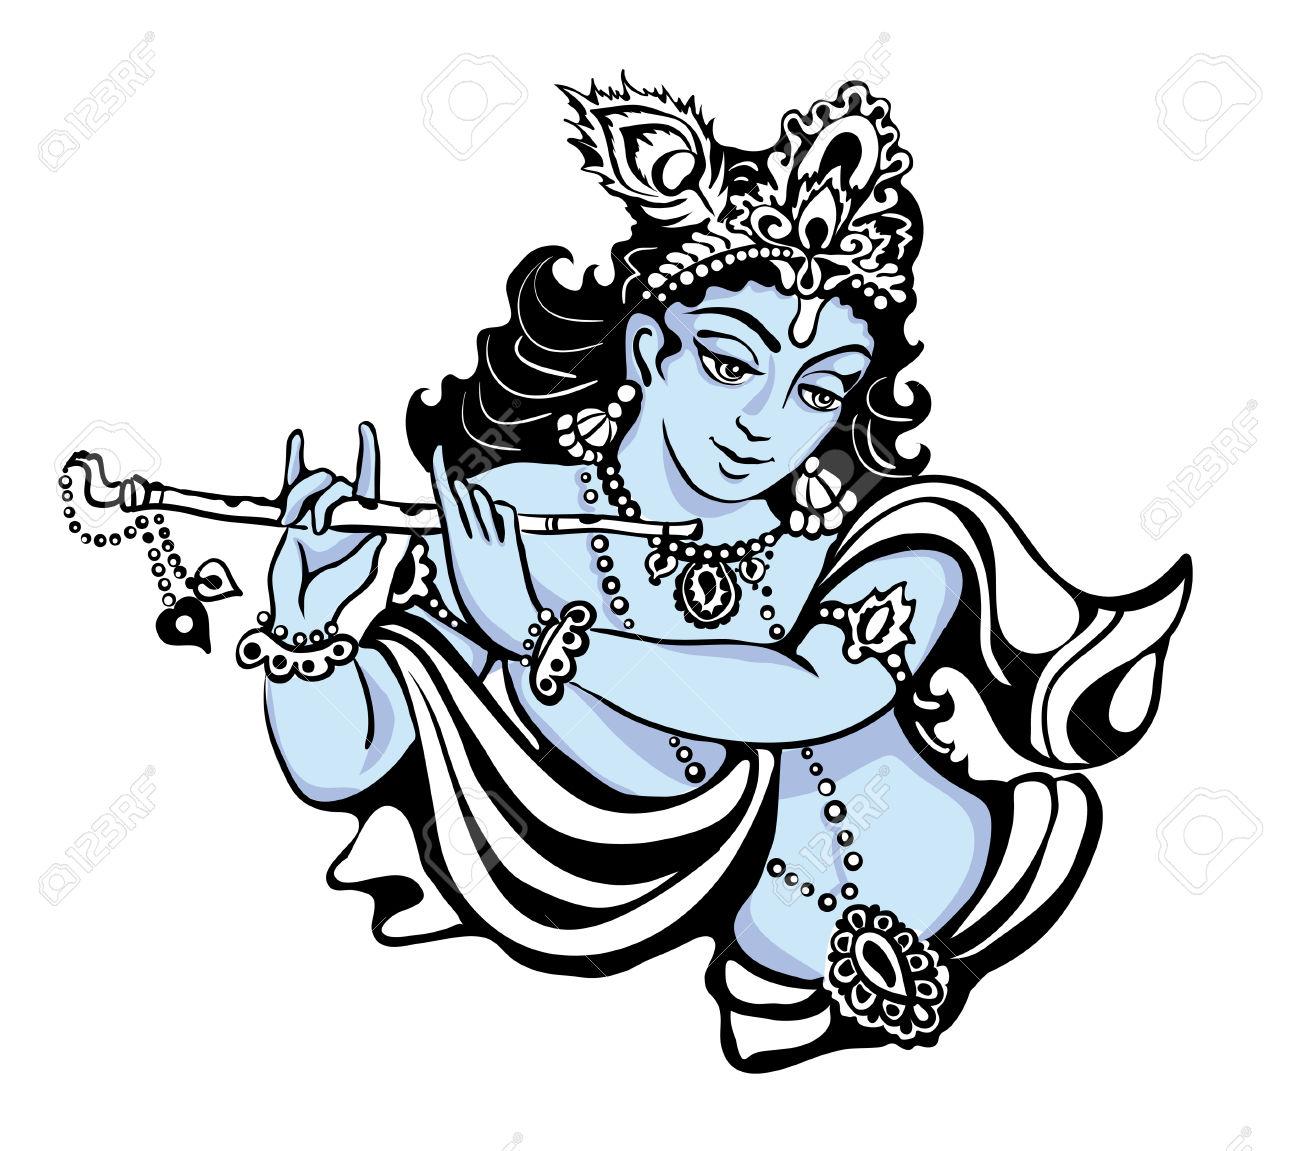 Sri krishna clipart.